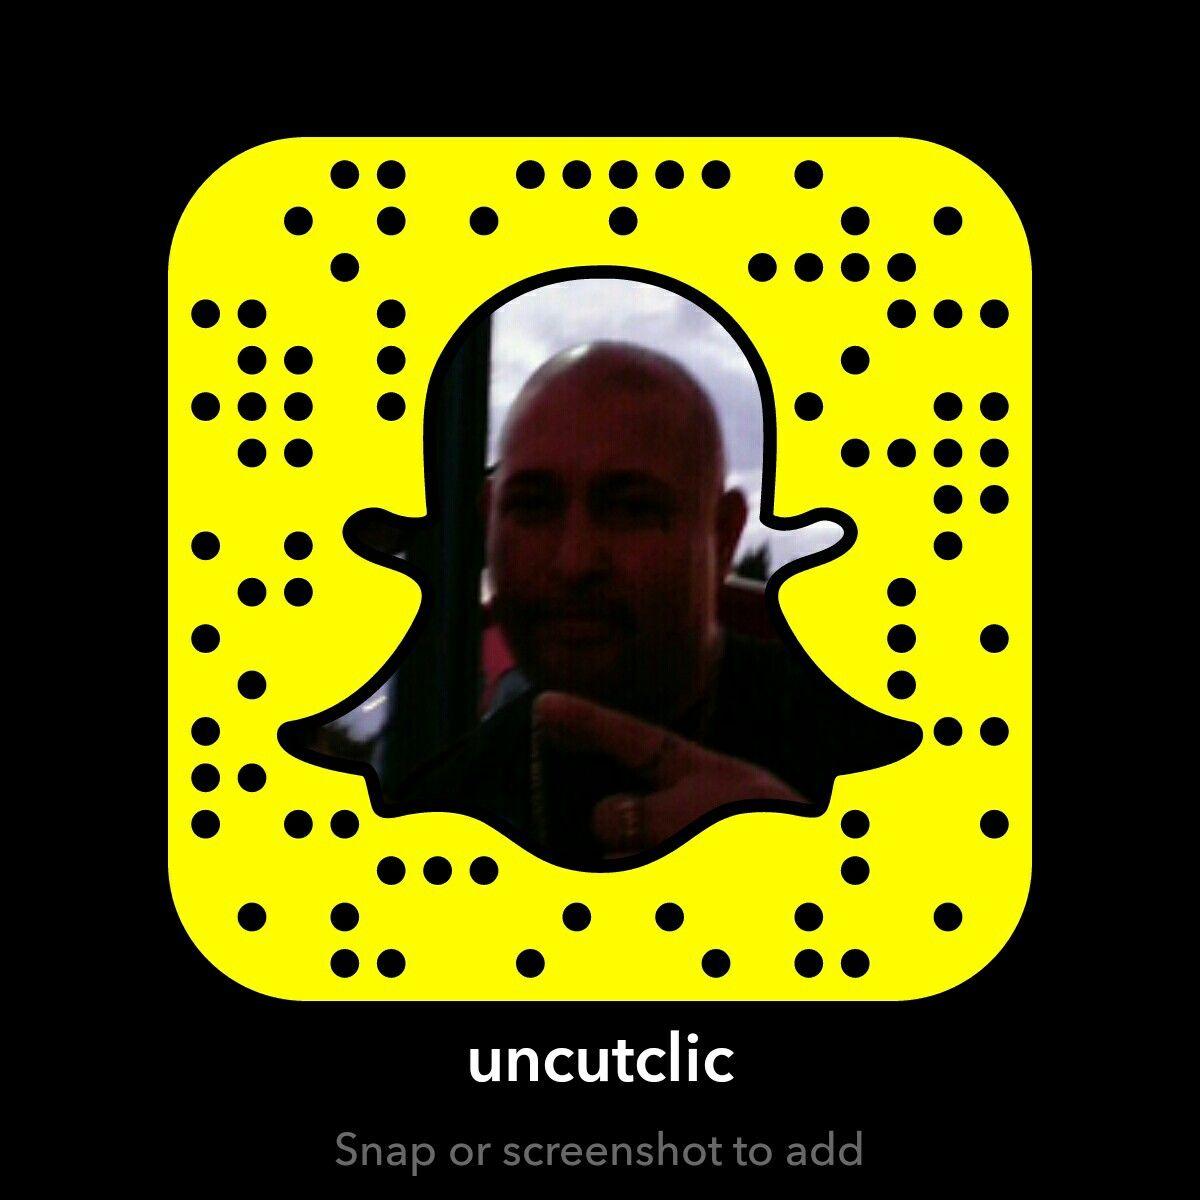 Snapchat uncut